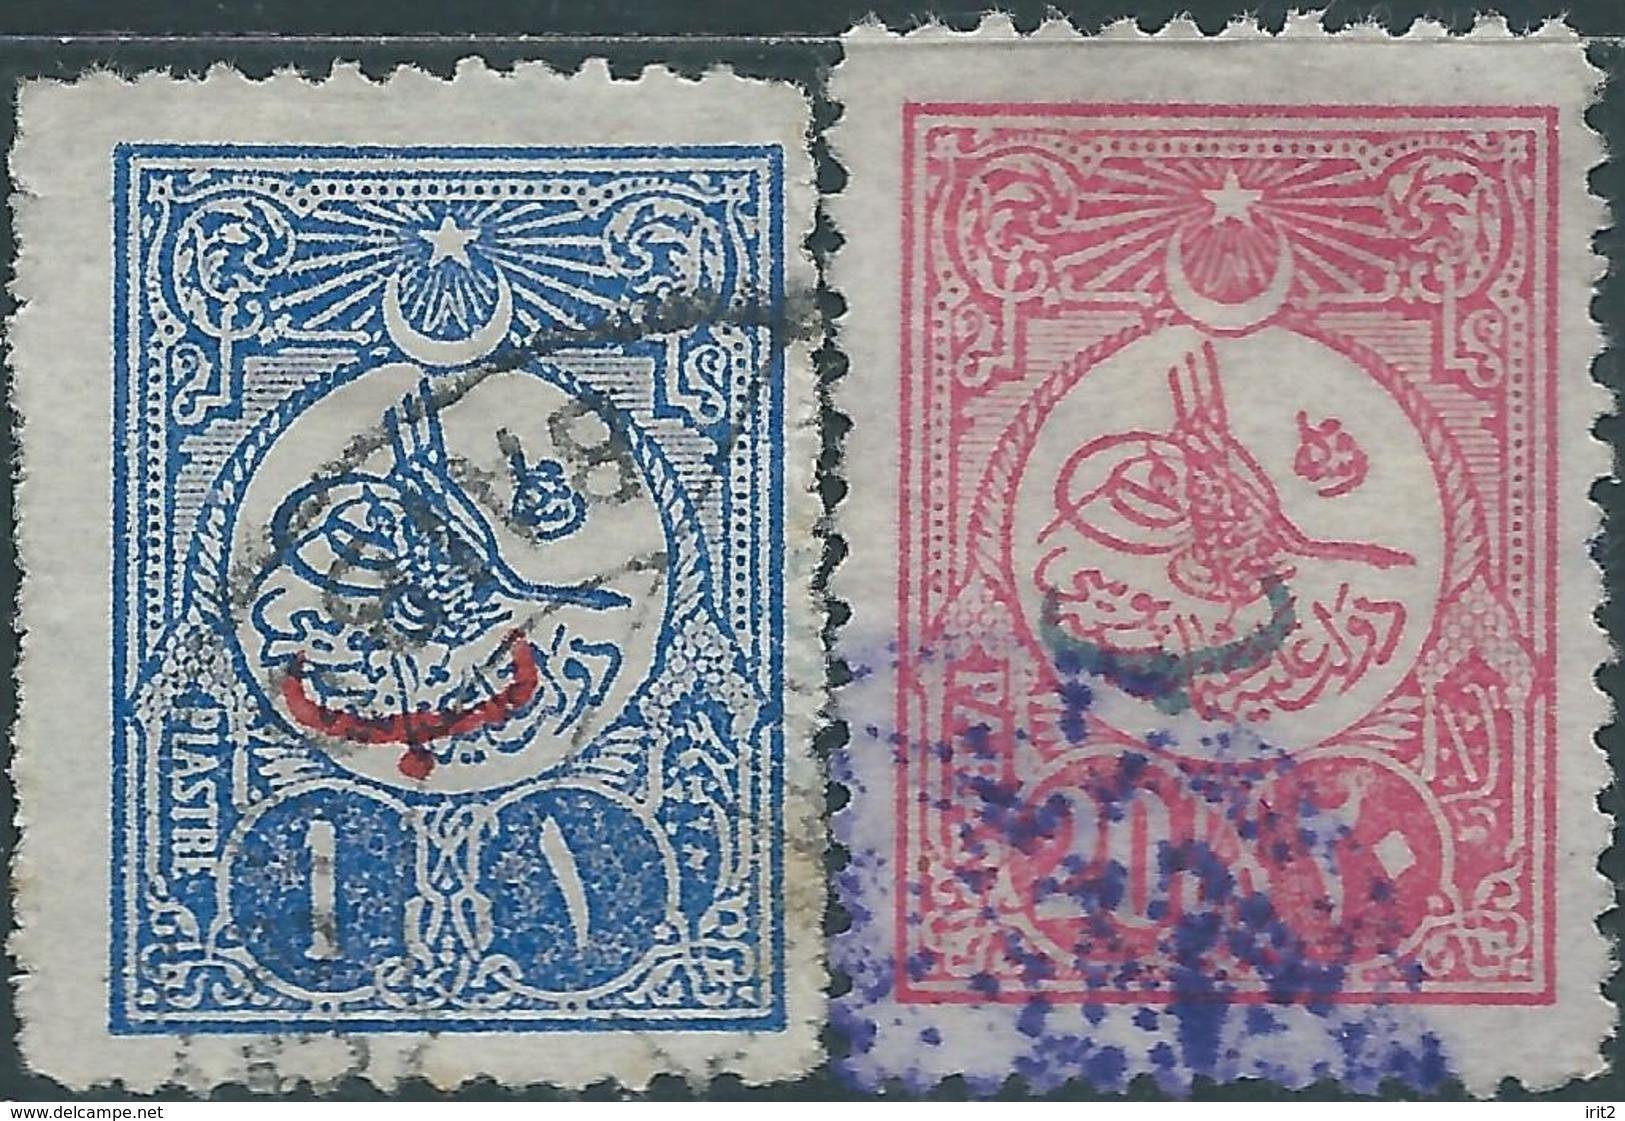 Turchia Turkey Ottomano Ottoman 1908 Per Posta Straniera, 1 Pia, Blu + 20 Pa, Rosa-Usato -Valore € 12,00 - 1858-1921 Ottoman Empire